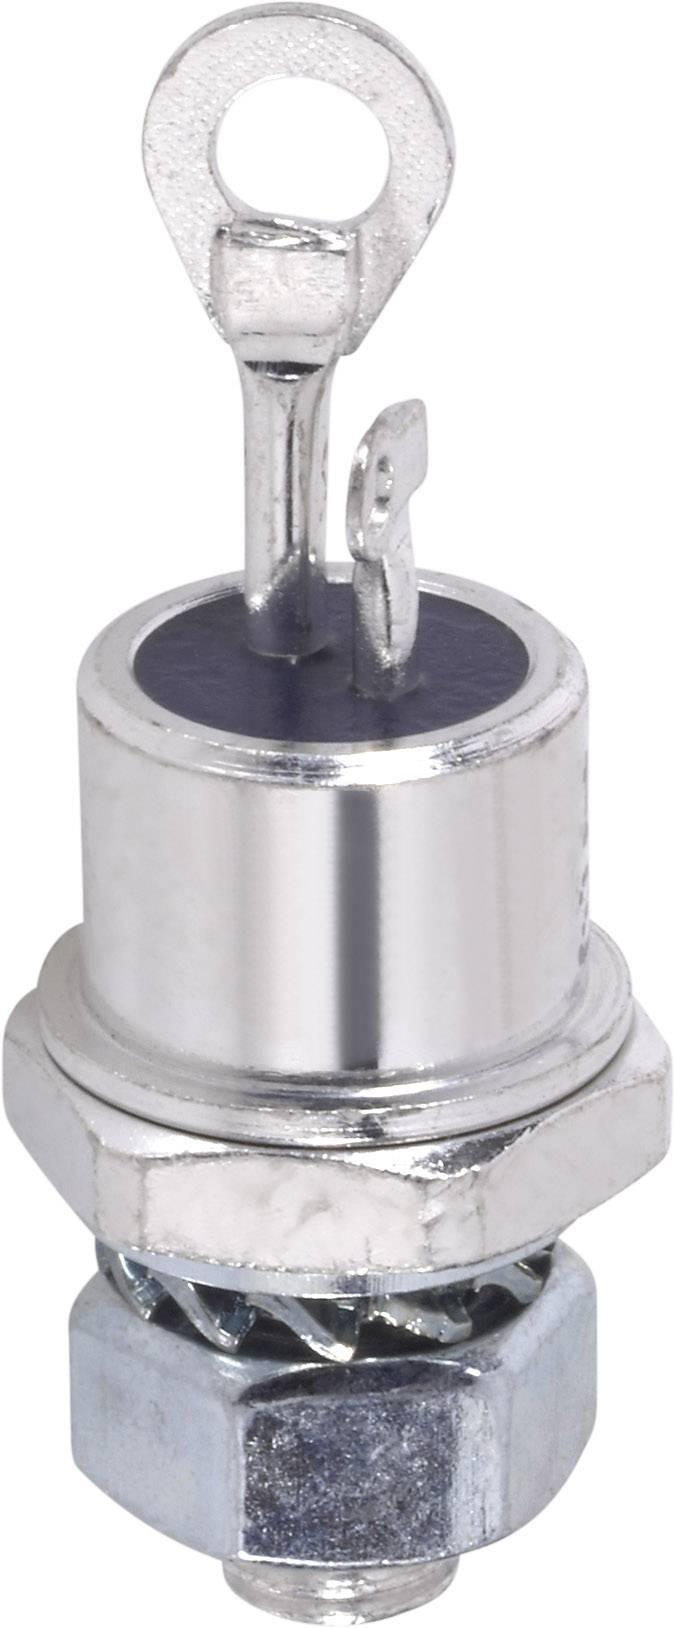 Tyristor Vishay 25RIA120 TO-208AA (TO-48), 1200 V, 25 A